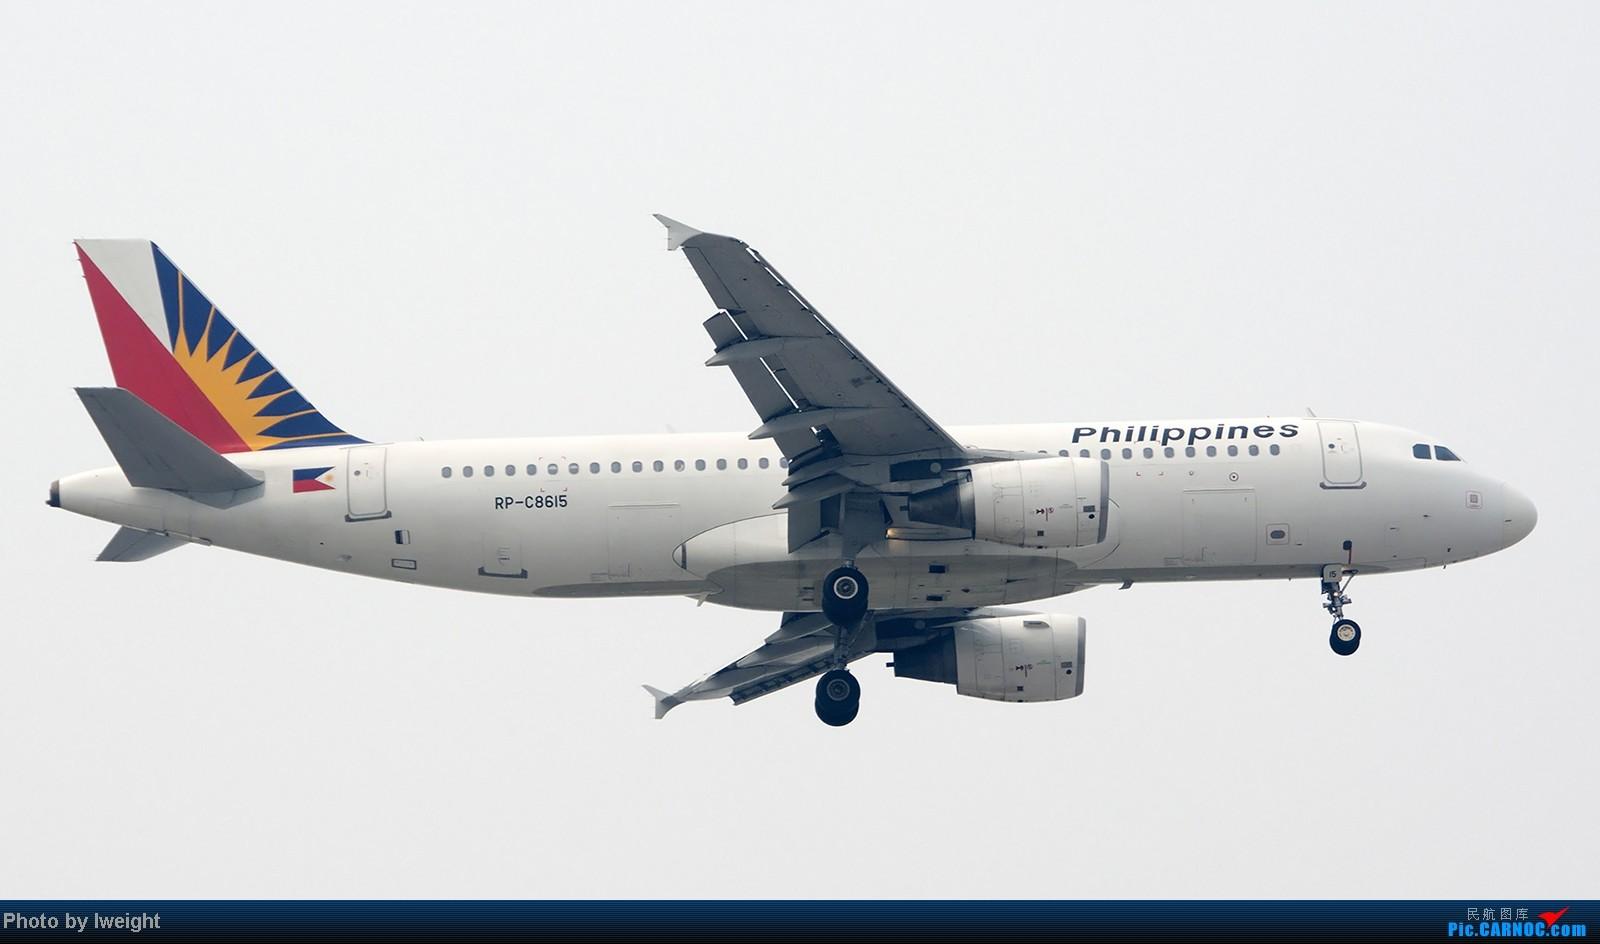 Re:[原创]9月7日帝都的烂天里乱拍一通 AIRBUS A320 RP-C8615 中国北京首都机场